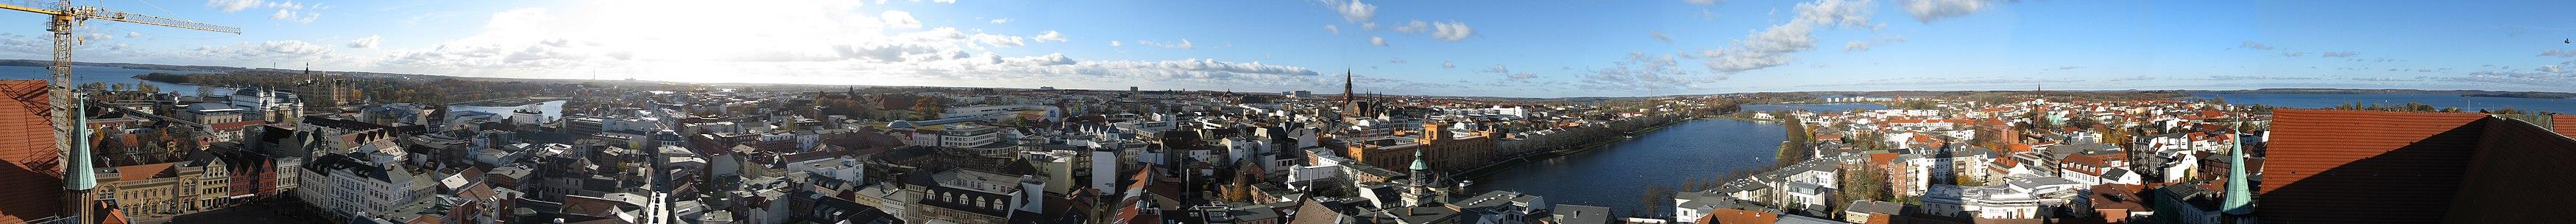 Panorama Schwerin.jpg